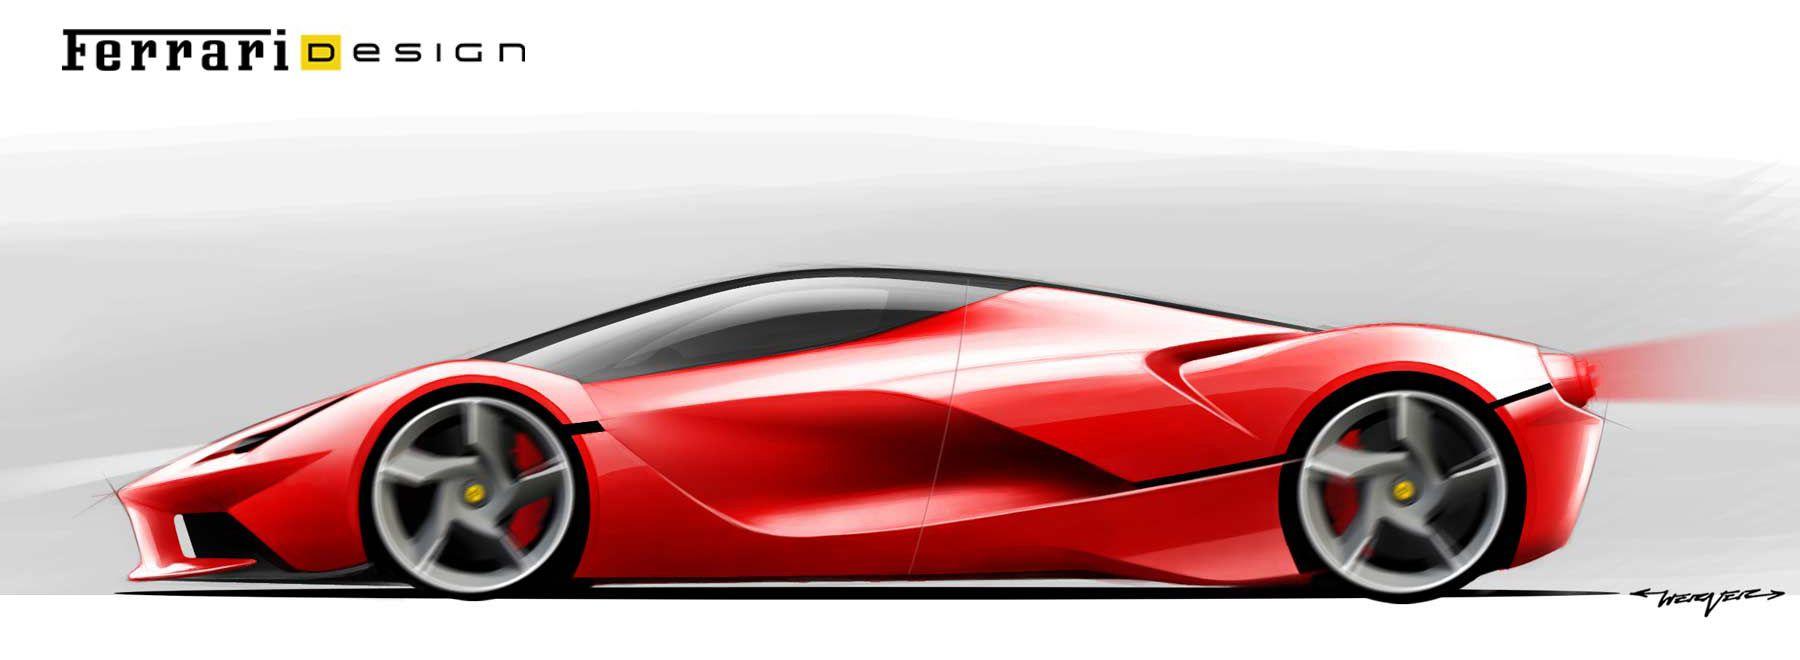 Ferrari laferrari concept development sketch 111g 1800660 ferrari laferrari concept development sketch 111g 1800660 vanachro Gallery